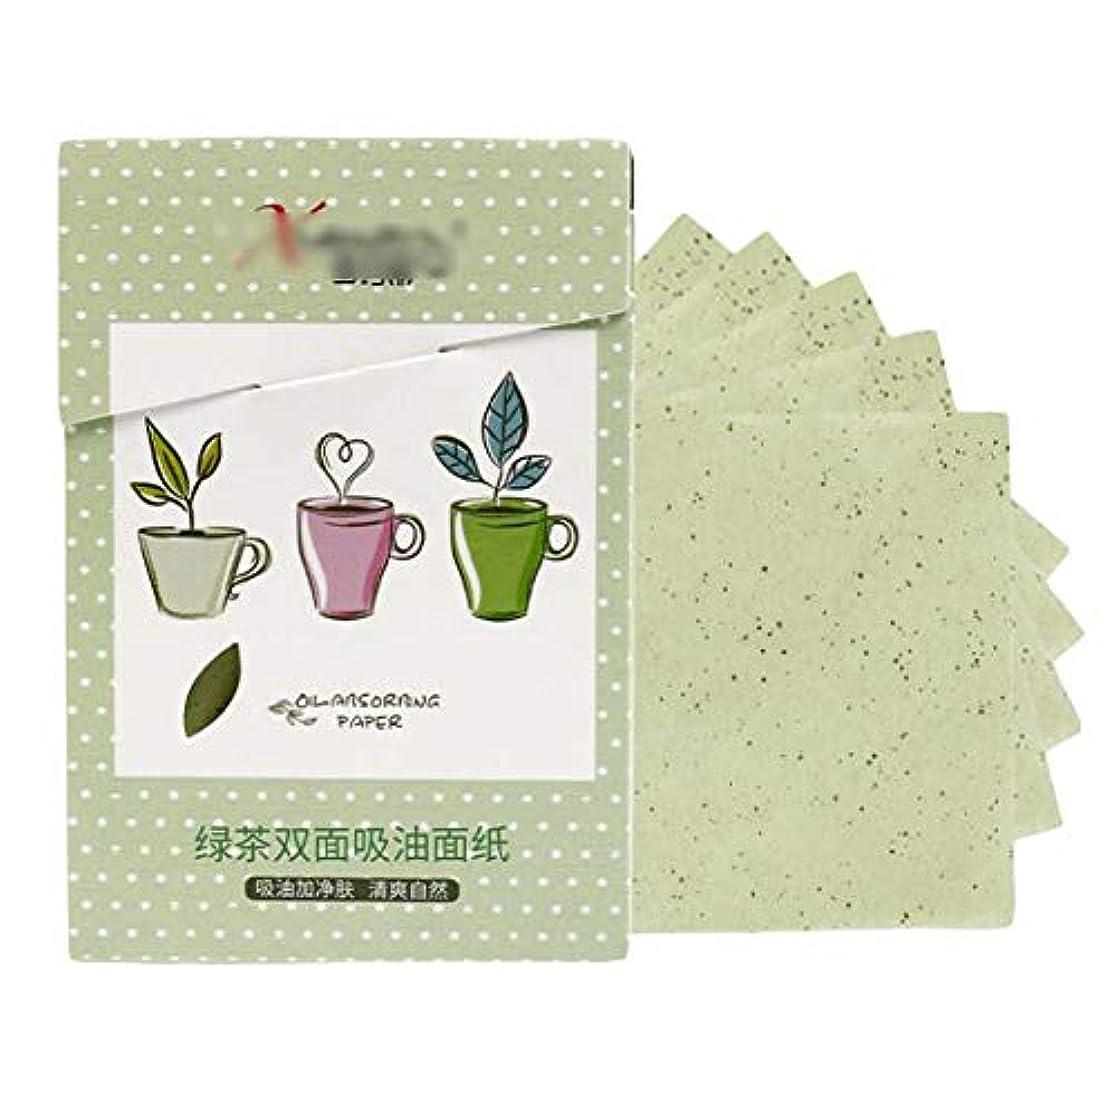 文庫本ペネロペ災害緑茶オイルブロッティングティッシュフェイスオイル吸収紙、200枚